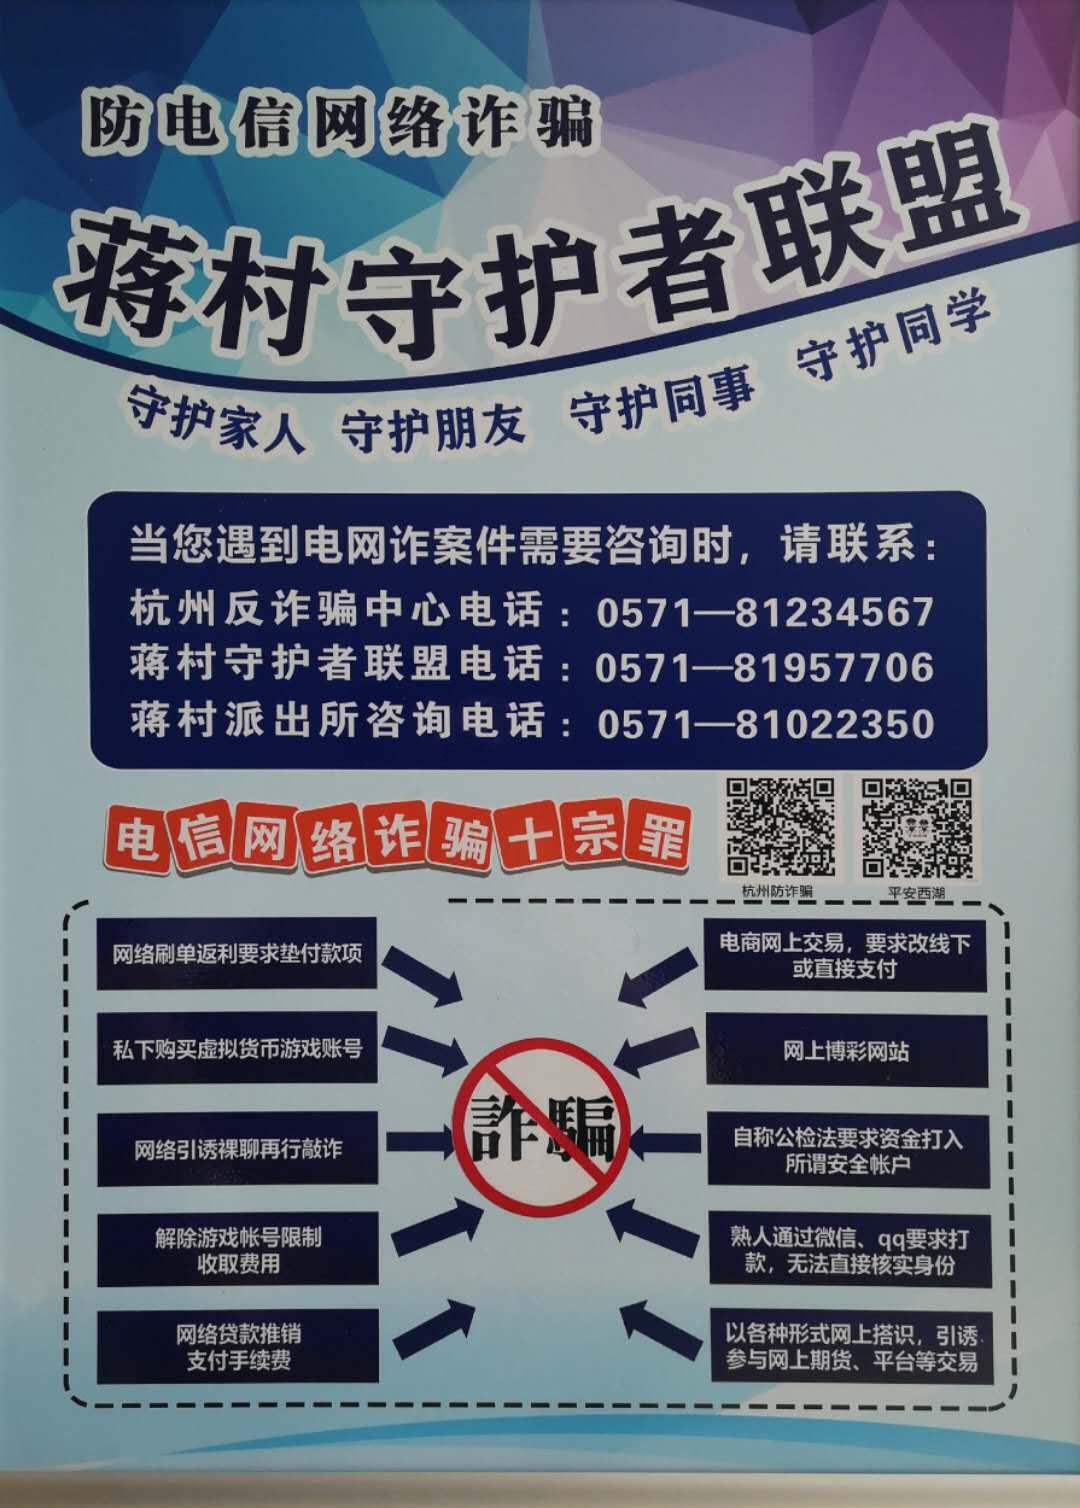 杭州西湖区蒋村派出所防电信网络诈骗咨询电话